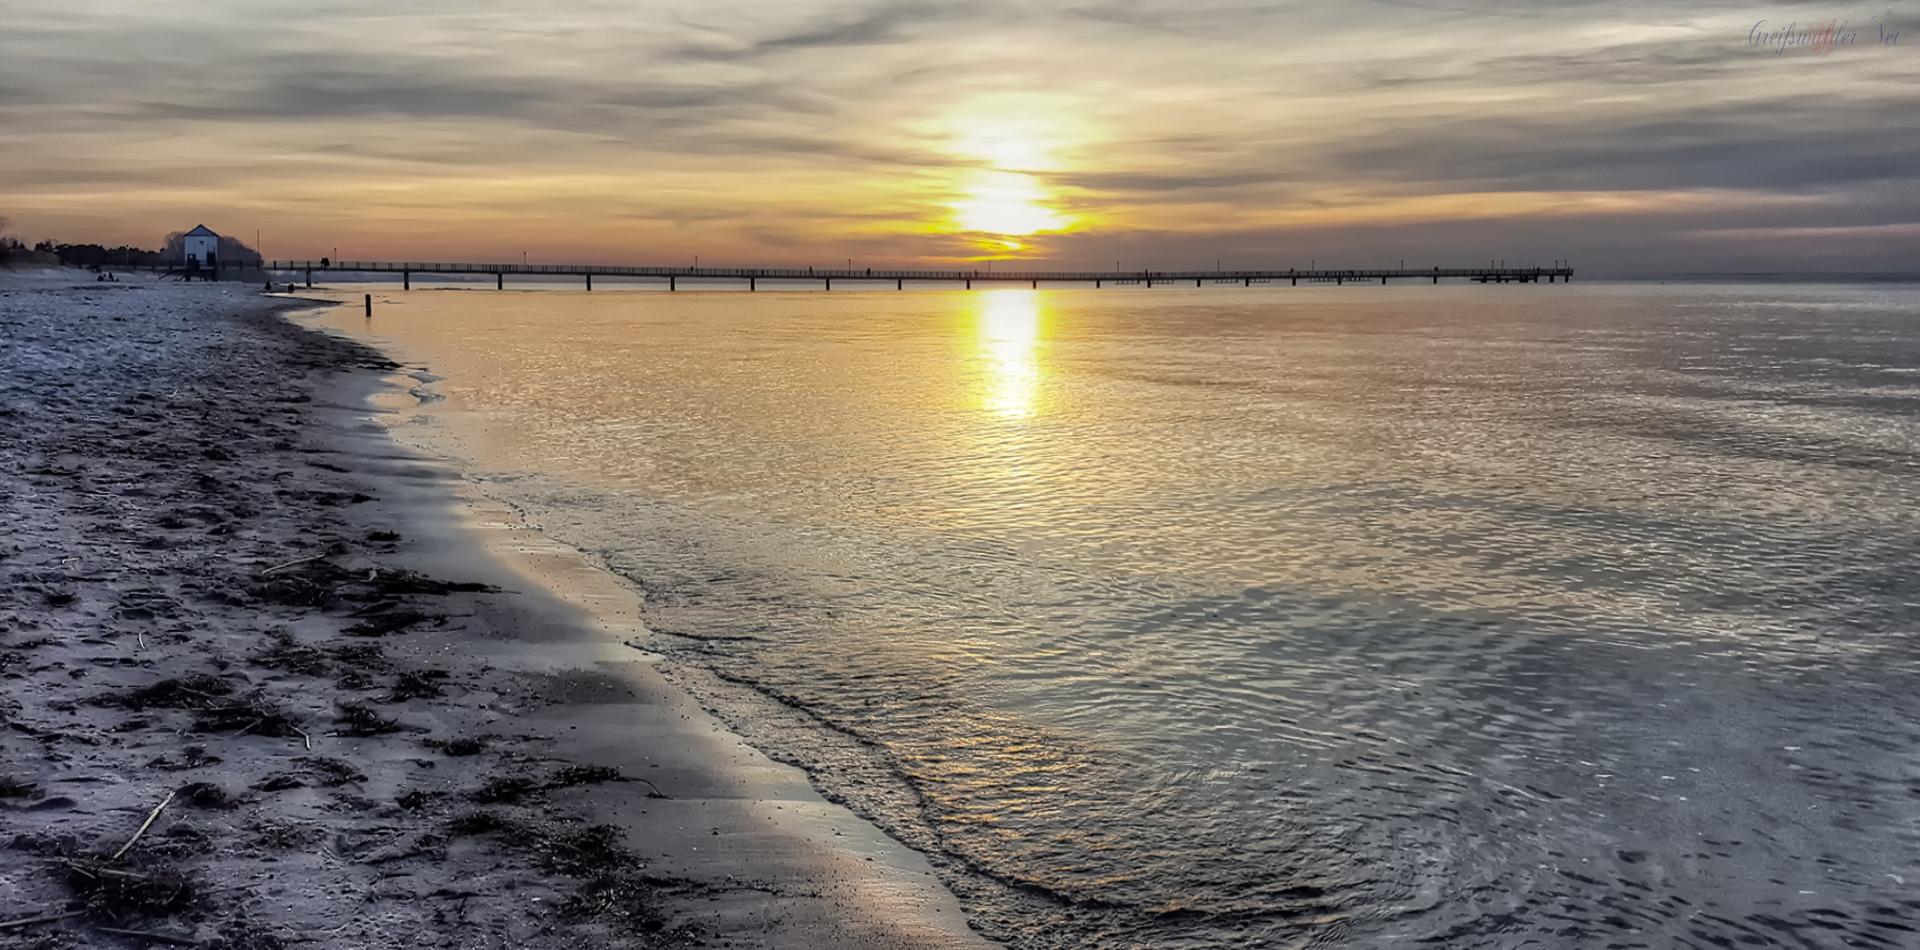 Sonnenuntergang am Strand im Seebad Lubmin